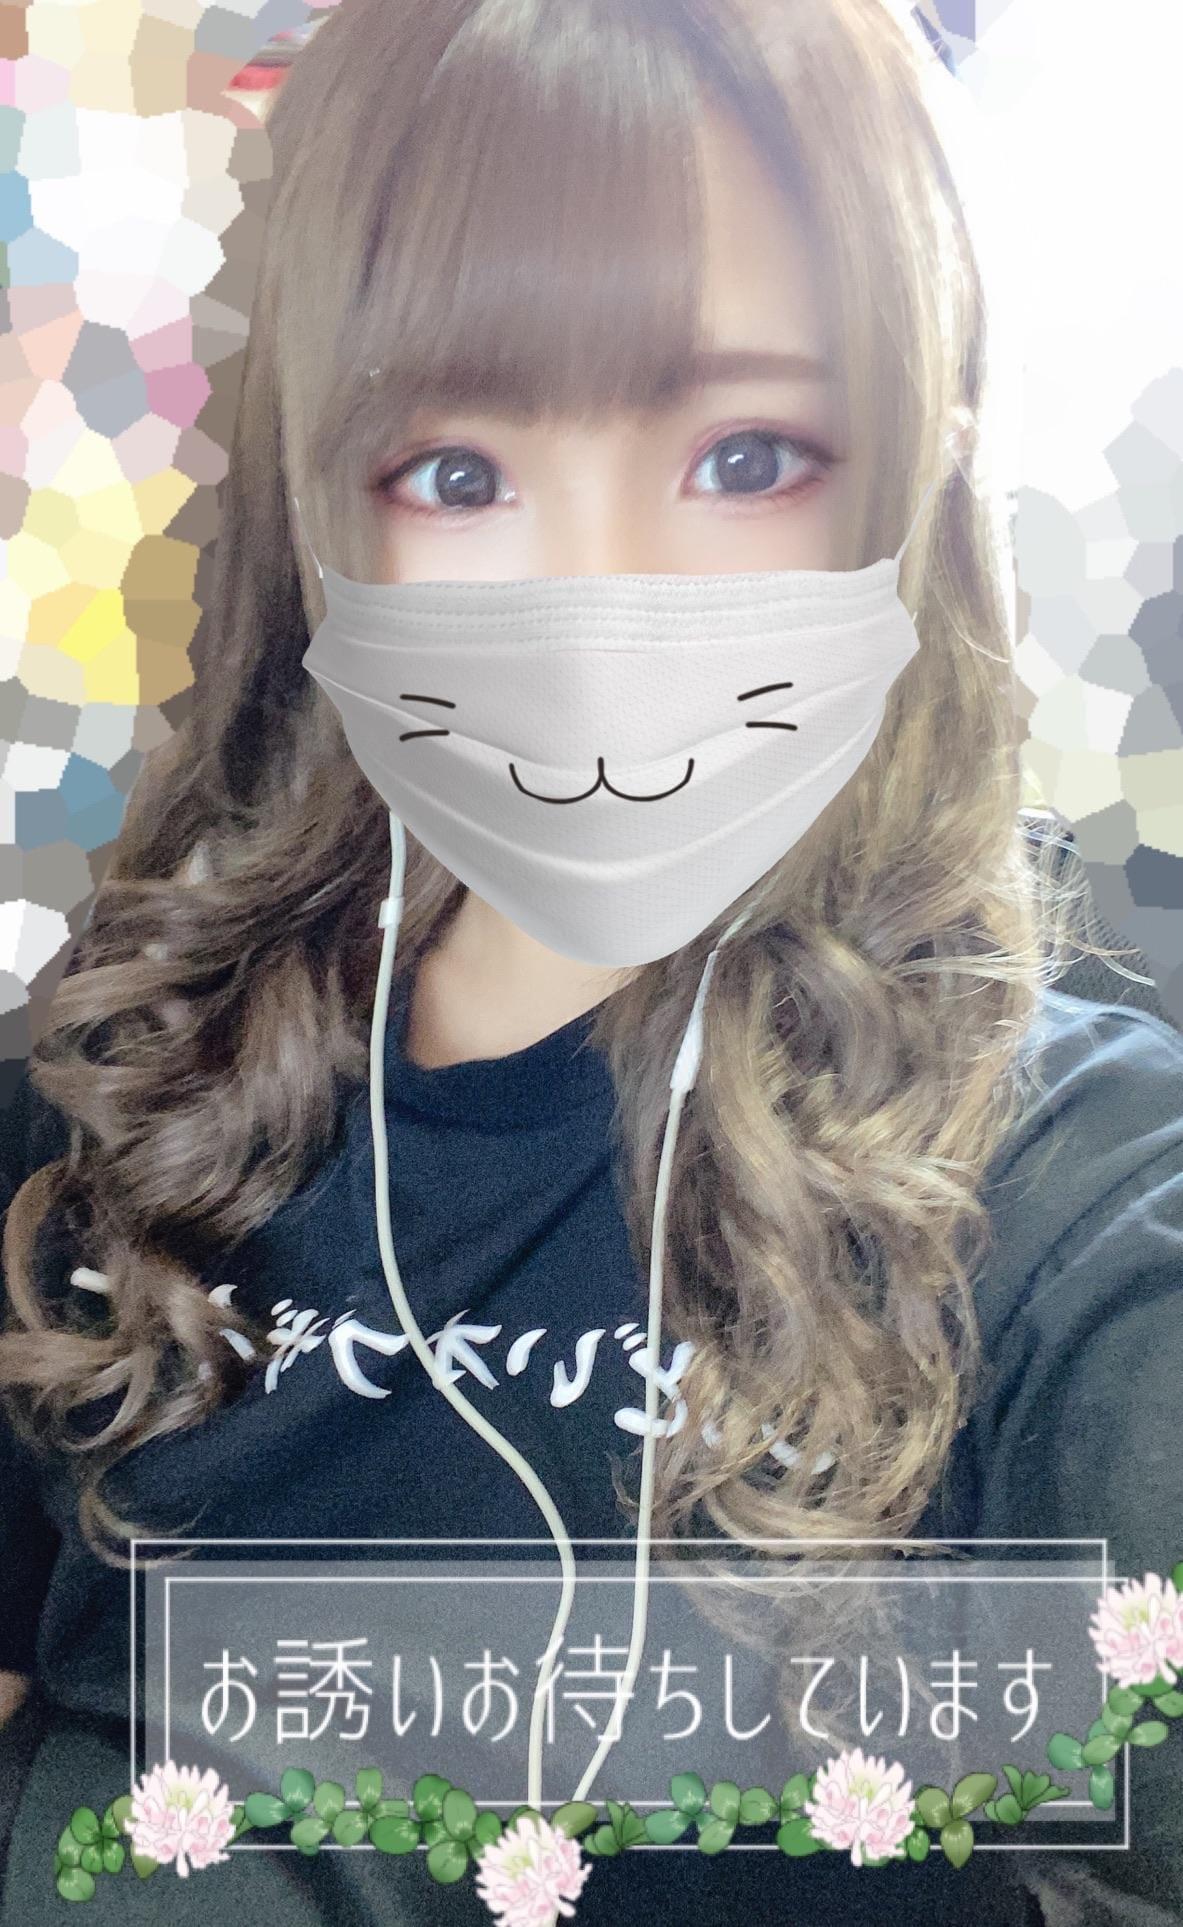 「汗だく?」08/07(金) 01:39   あすな☆新星ミニキュンアイドル☆の写メ・風俗動画